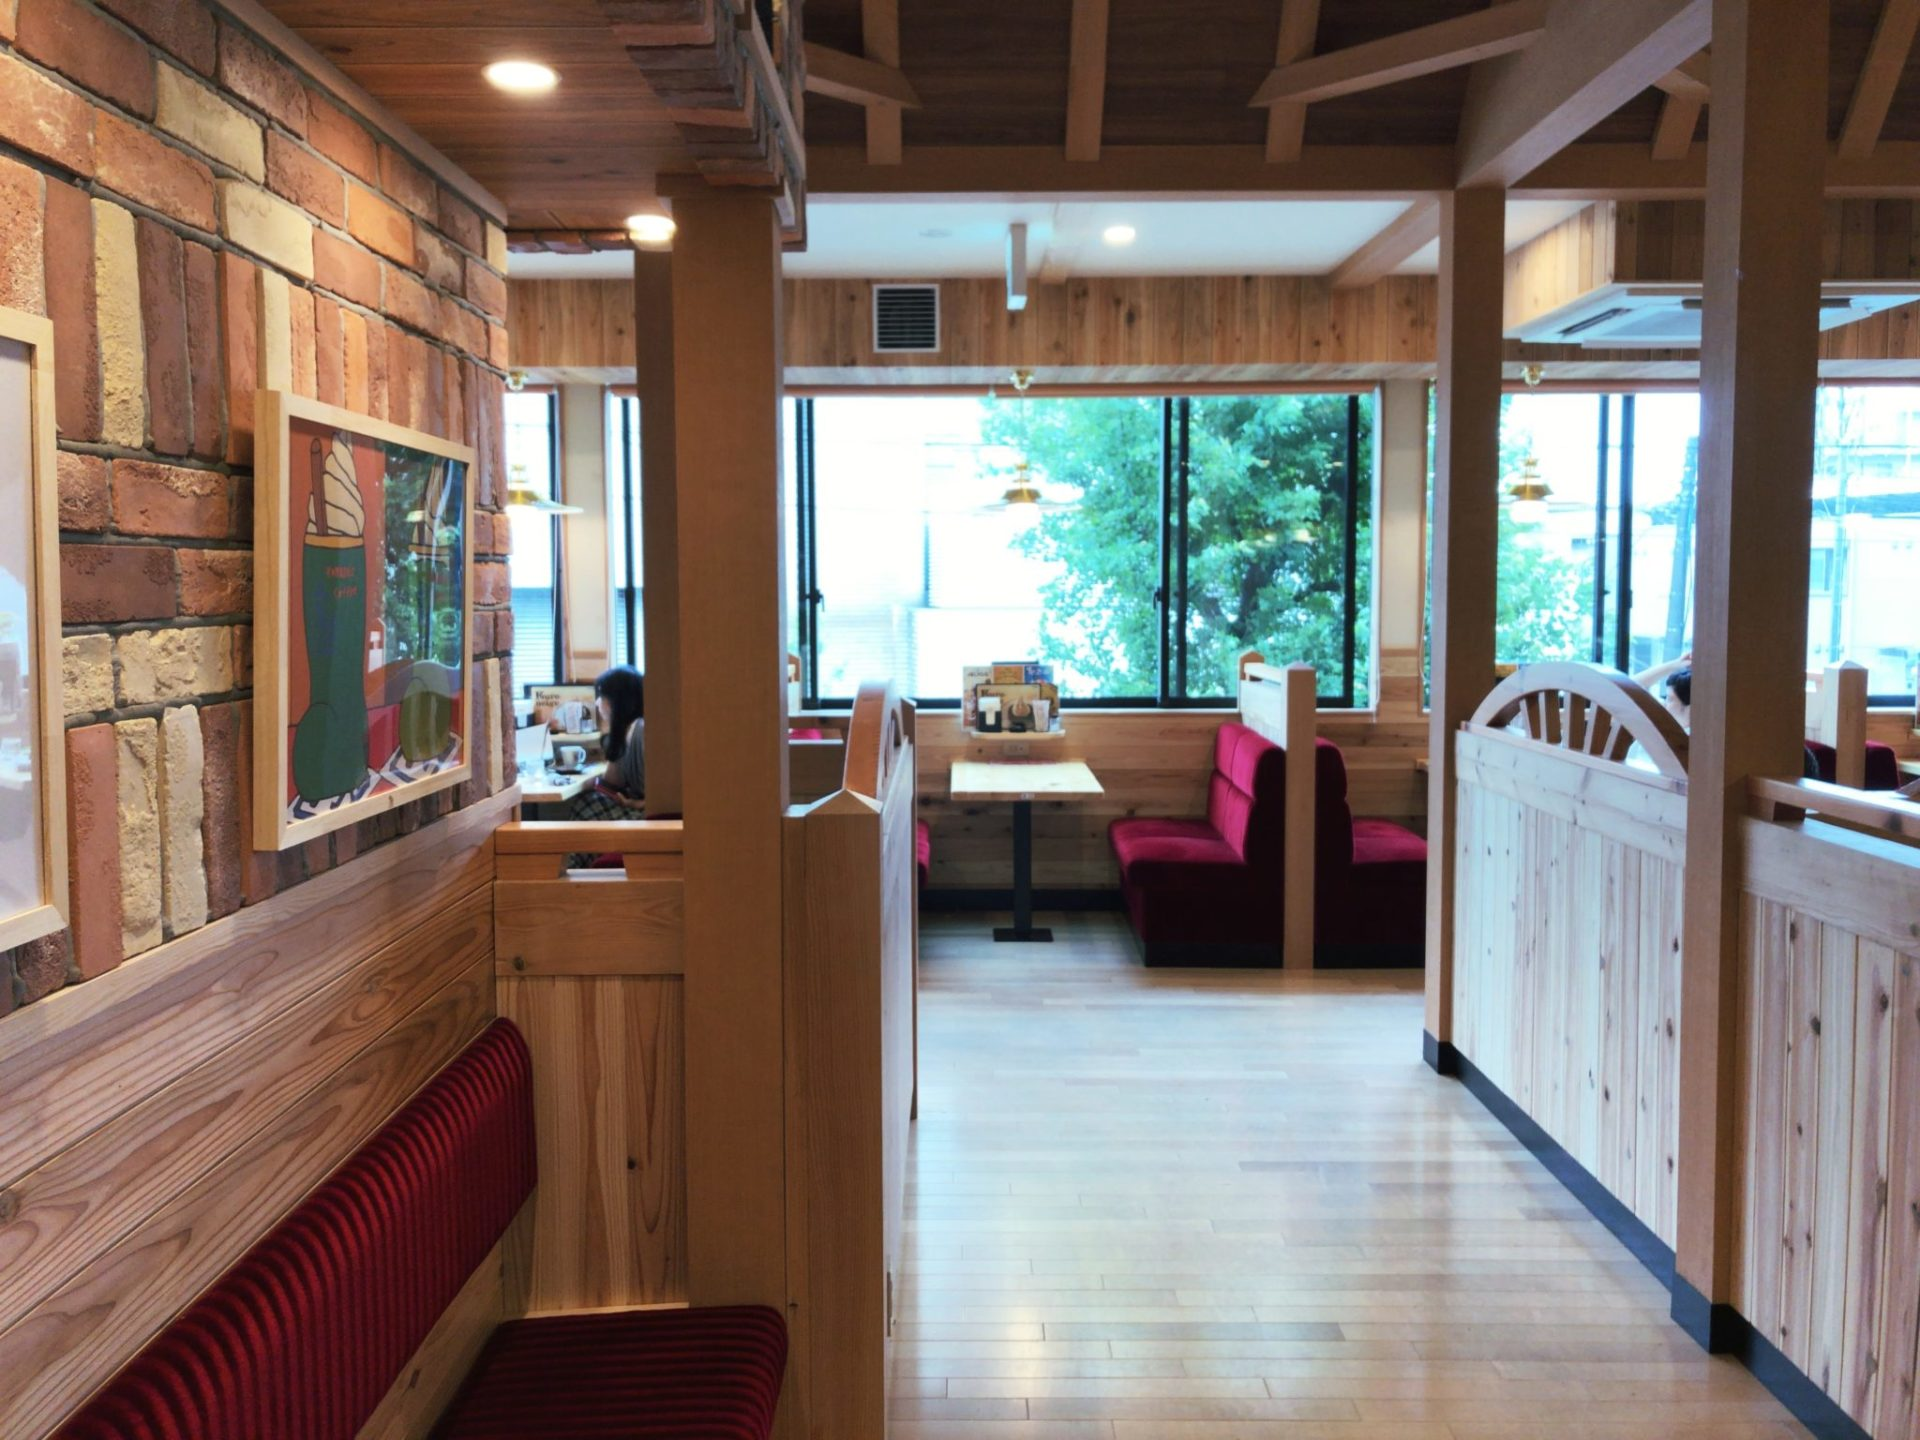 コメダ珈琲店 駒沢公園前店の店内は広い